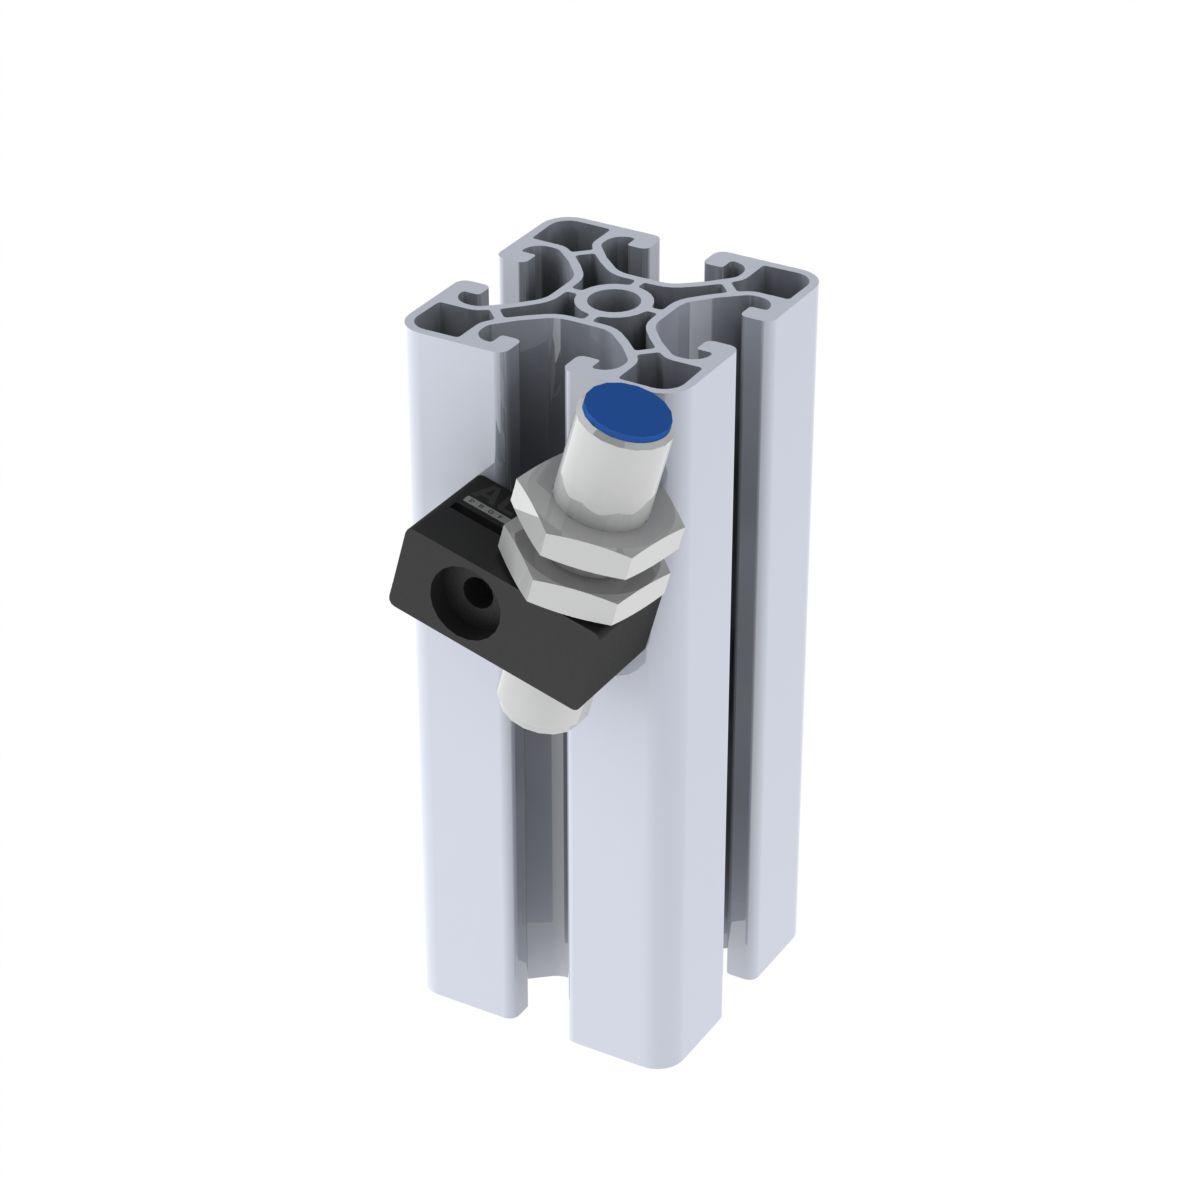 sensor holder for 12mm sensor